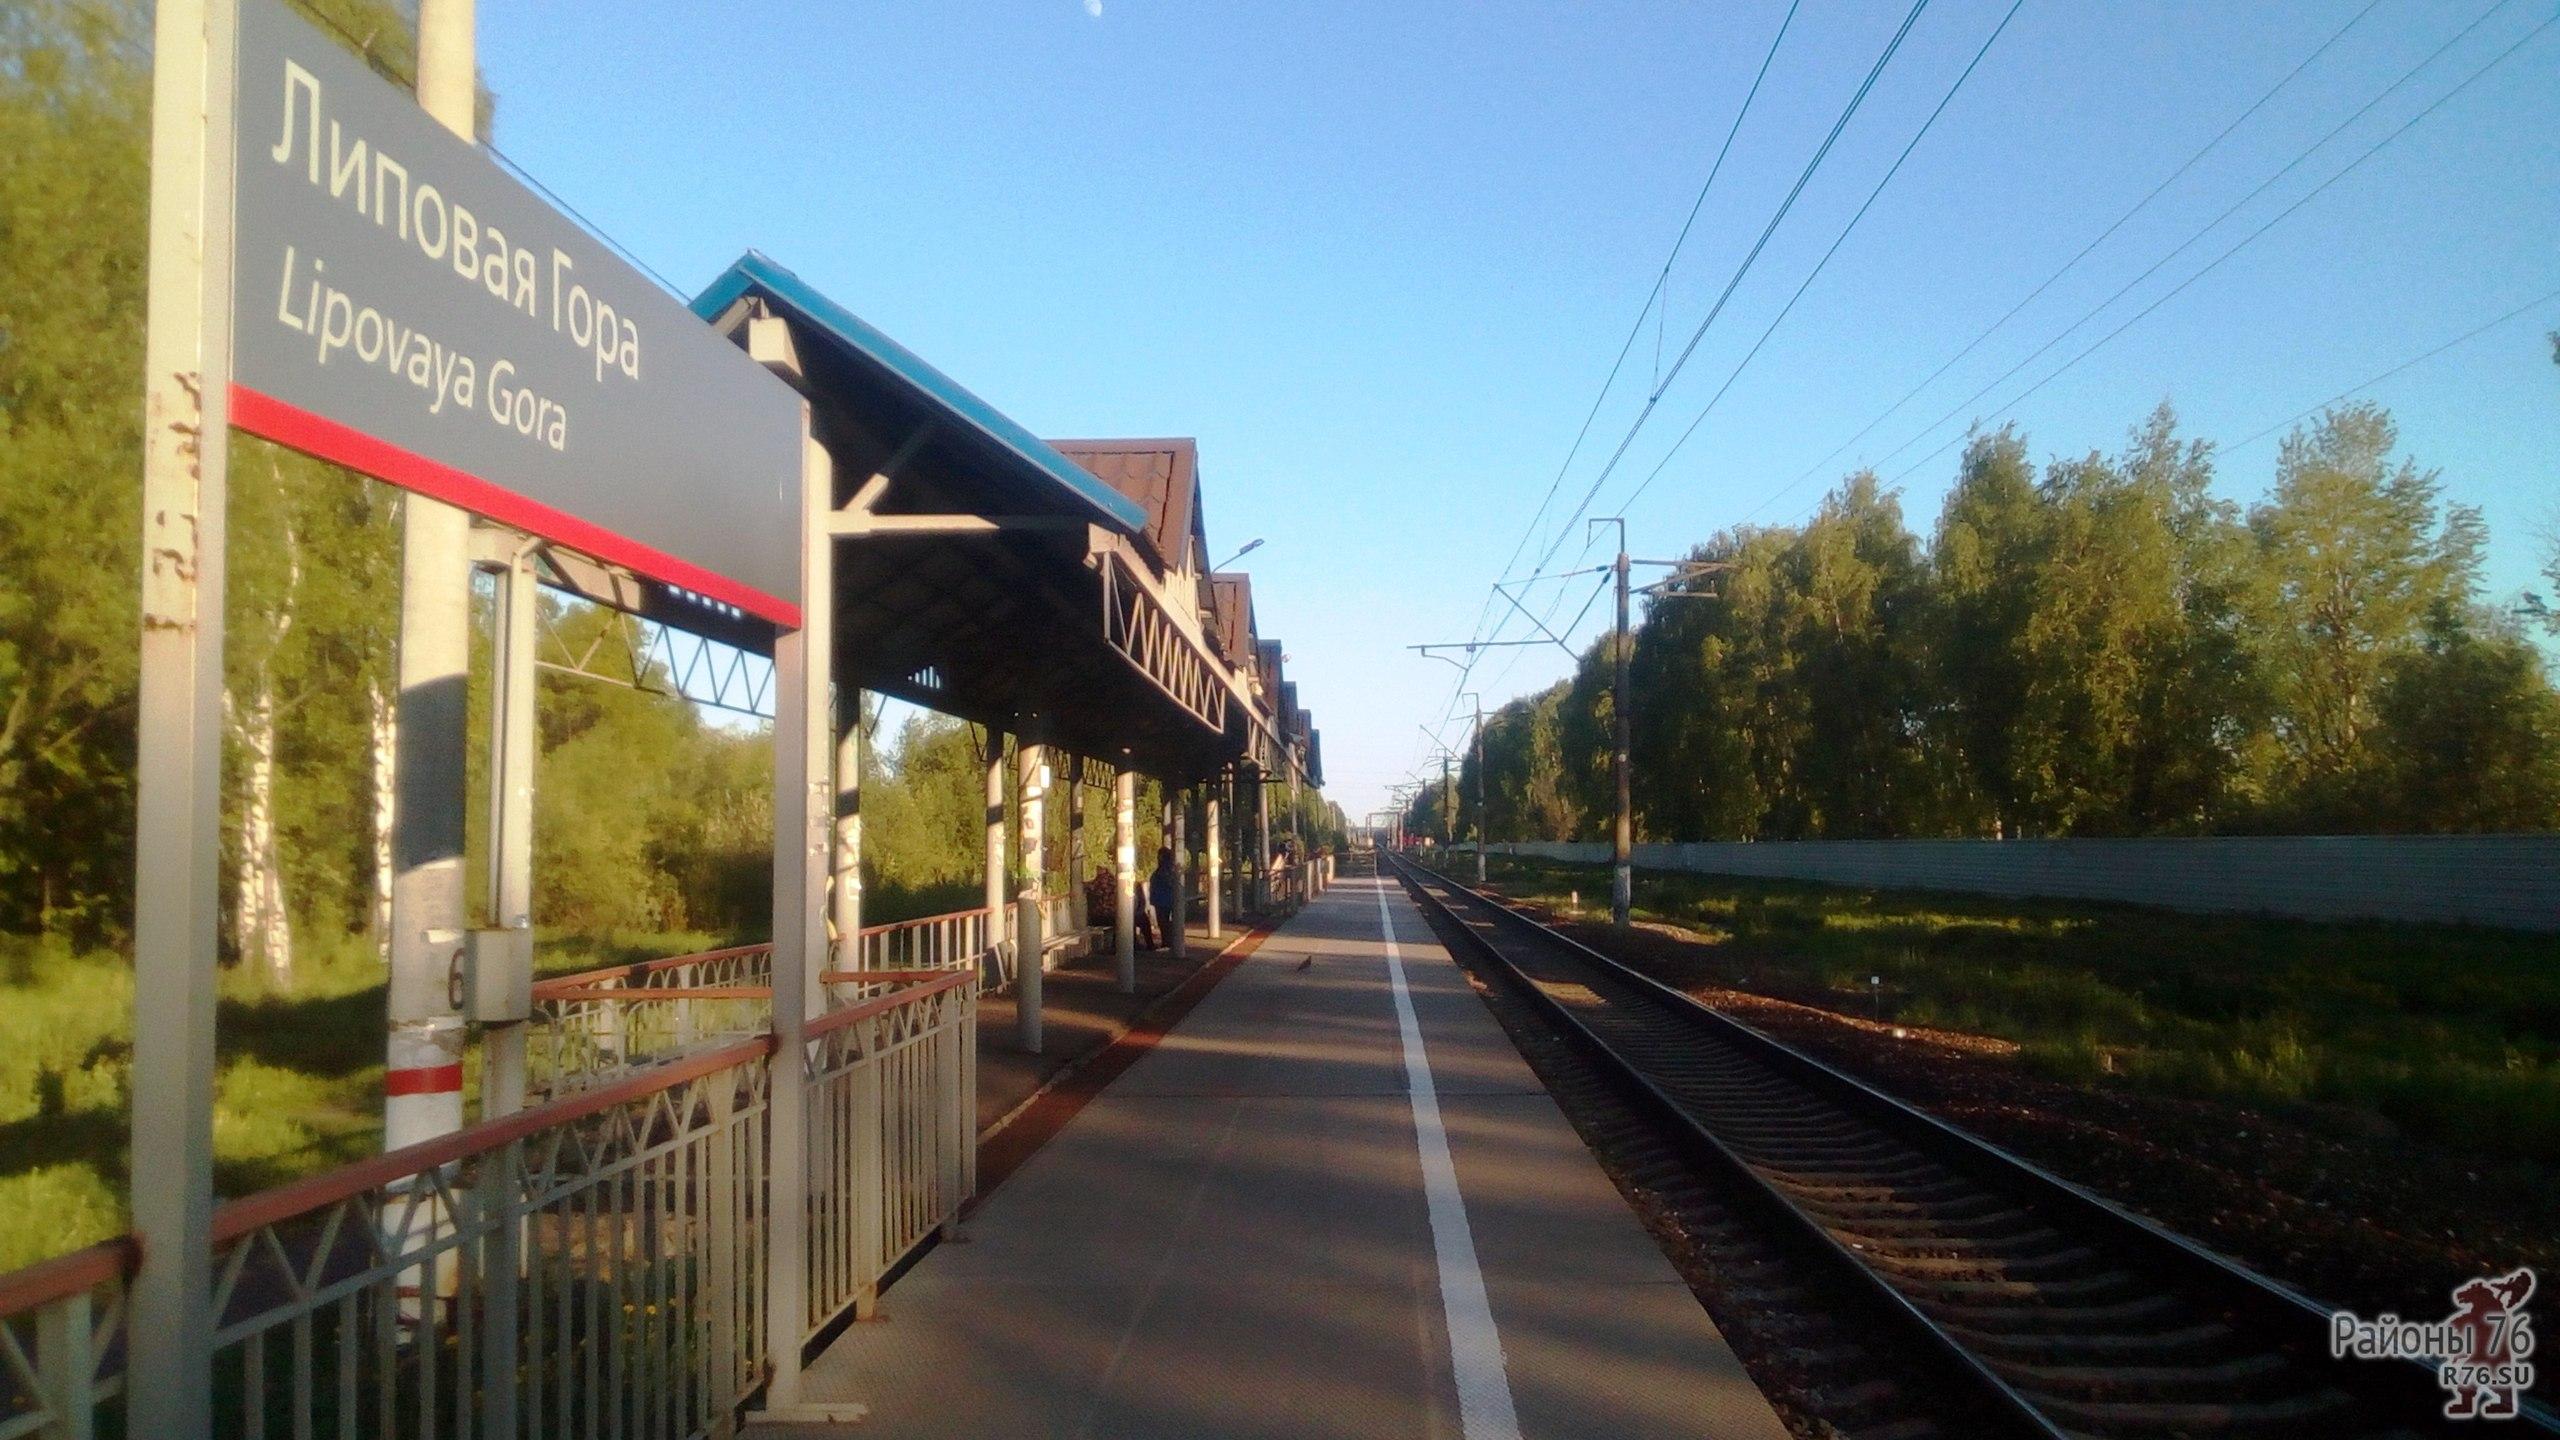 Пригородный поезд Ярославль-Иваново ходить не будет с 1 апреля